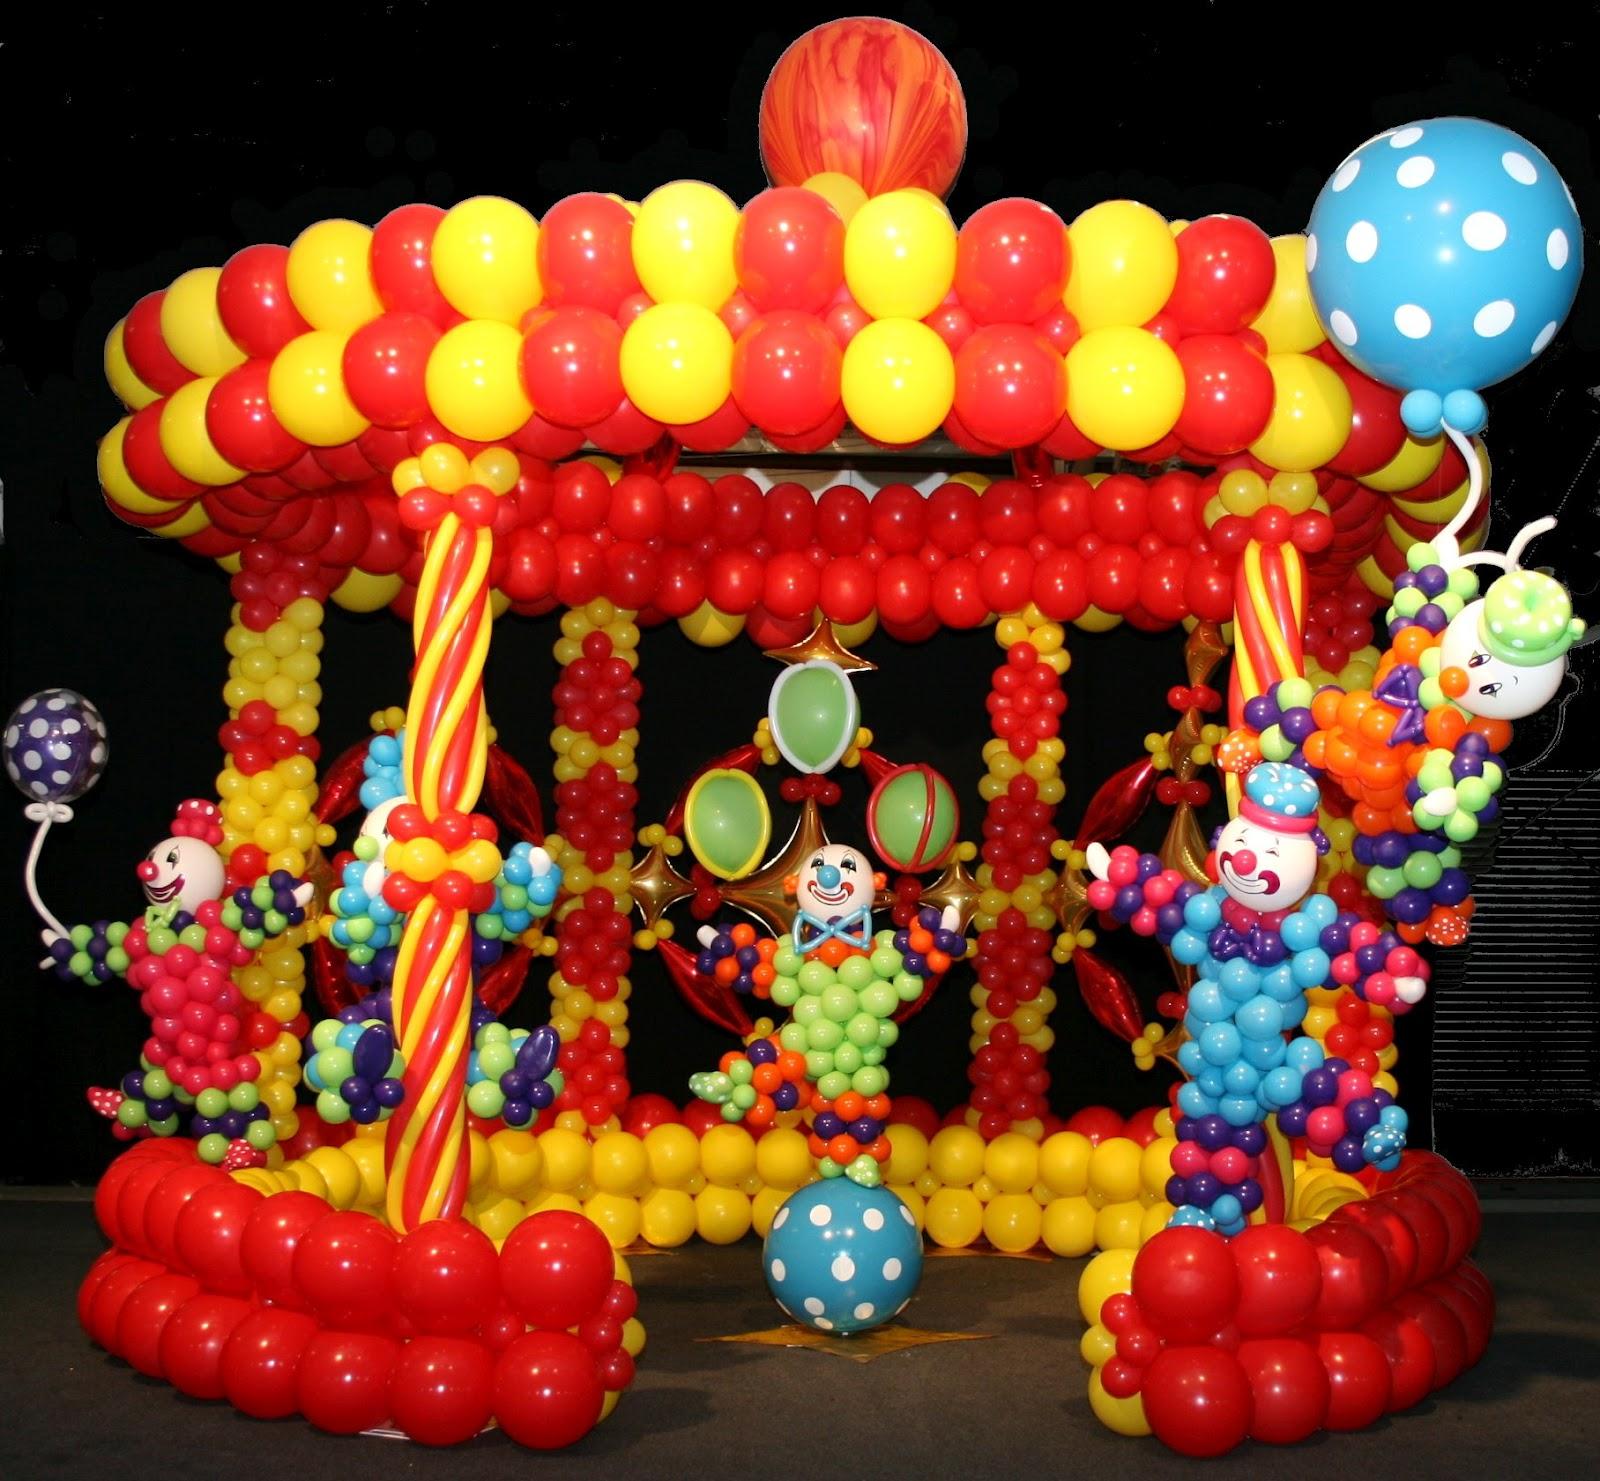 Circus Balloon Centerpiece : The very best balloon sue s recipes